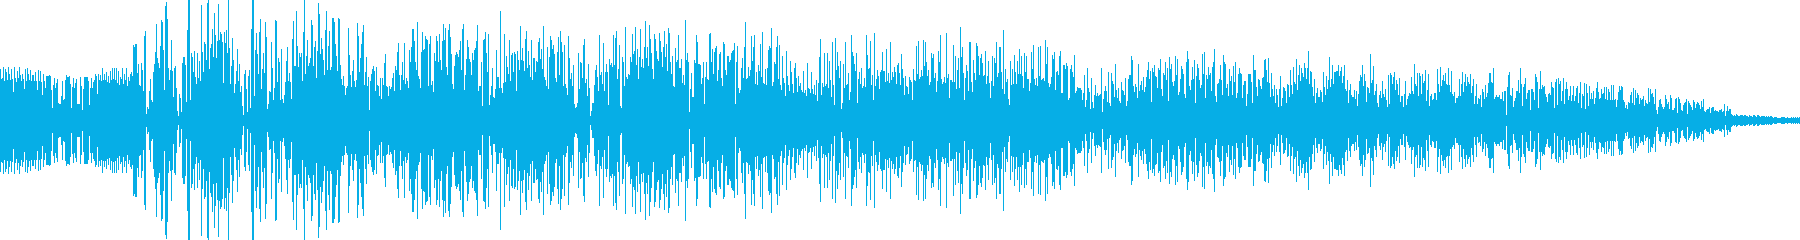 体力回復!(パワーアップ音!)の再生済みの波形